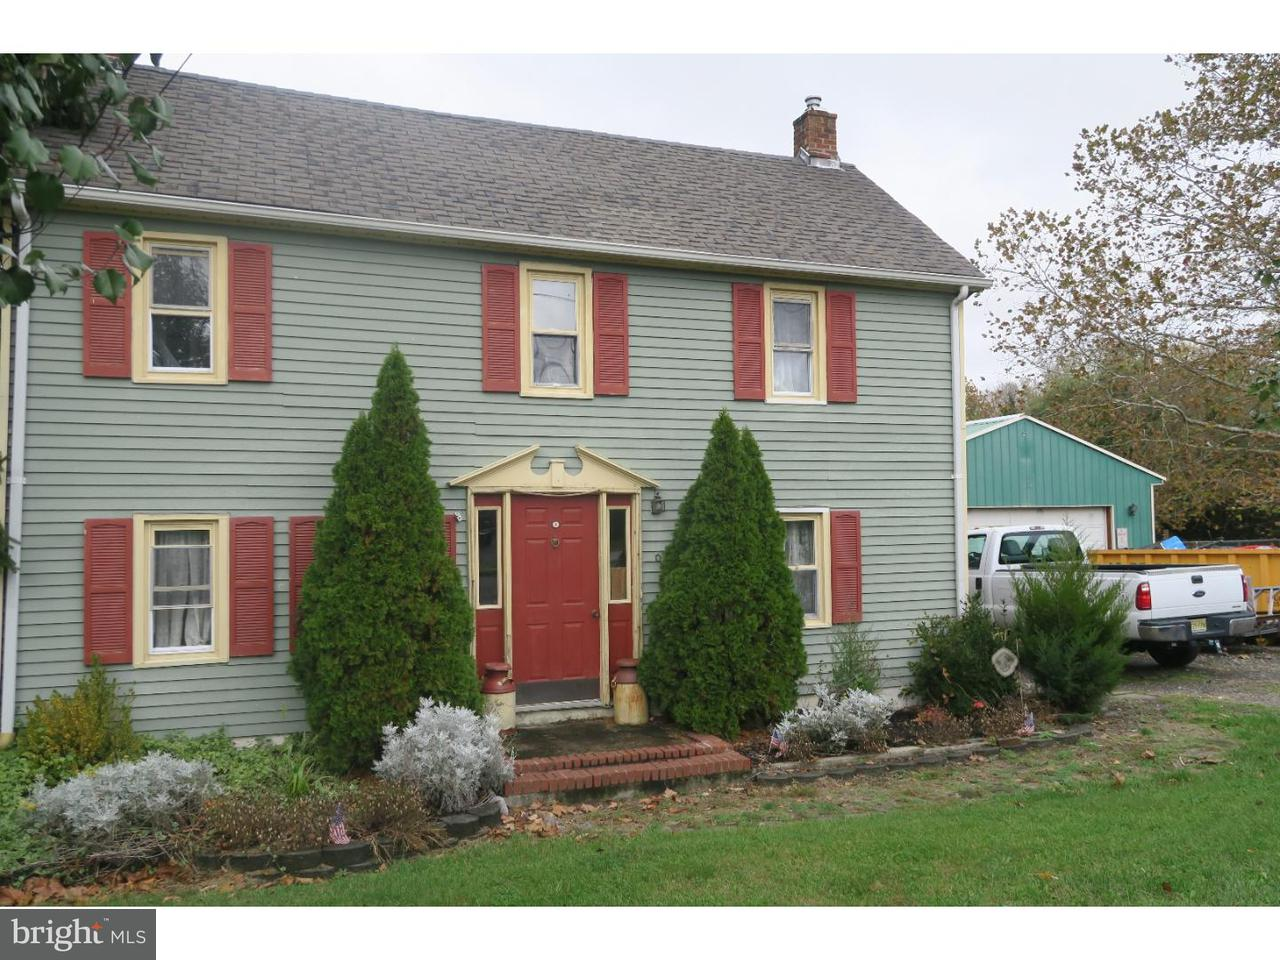 Частный односемейный дом для того Продажа на 6 BUNTING BRIDGE Road Cookstown, Нью-Джерси 08511 Соединенные Штаты